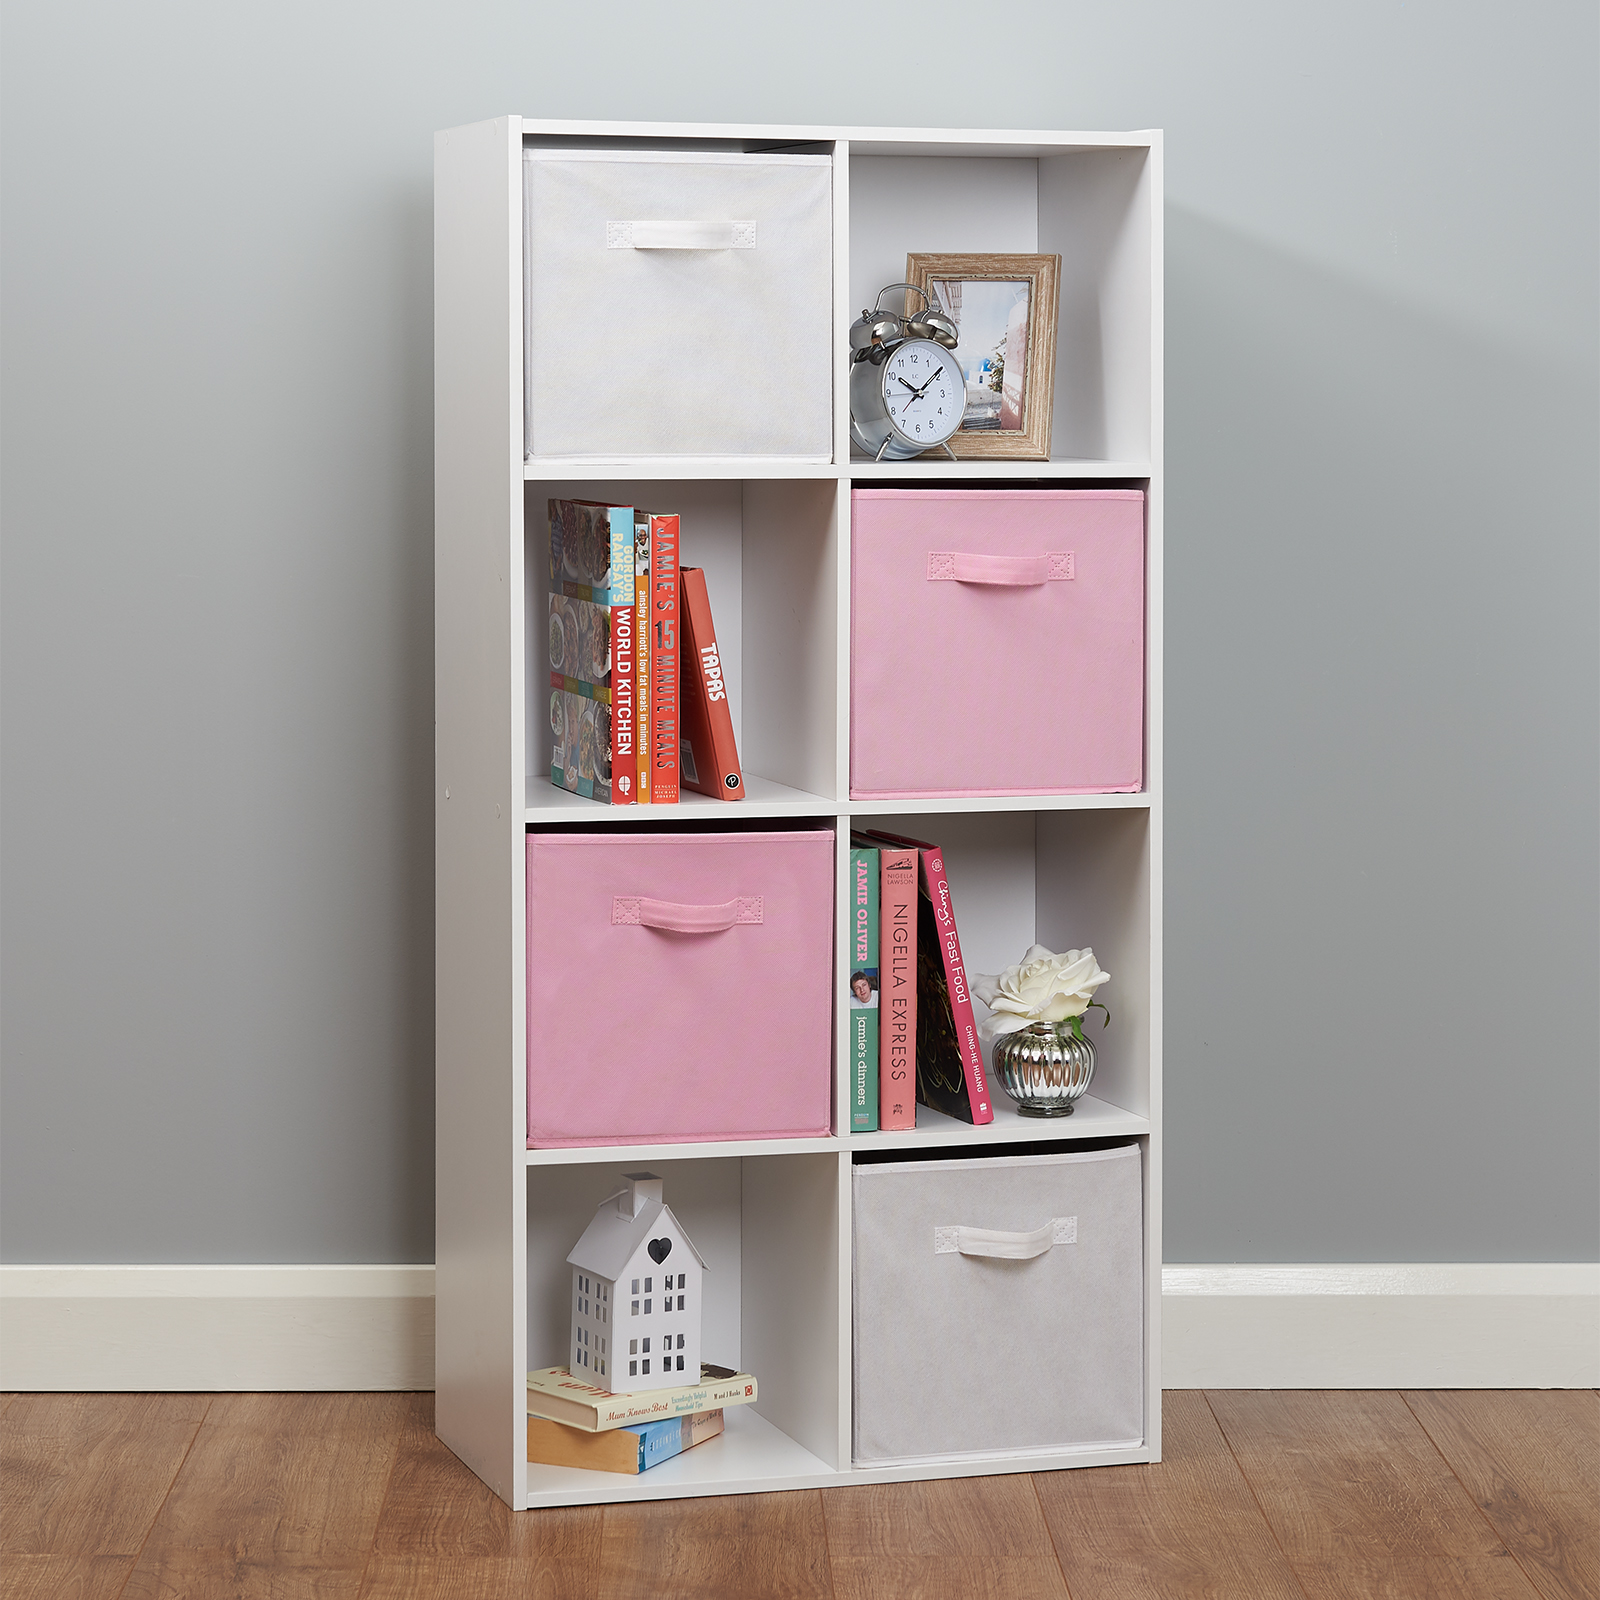 Details zu Roost Würfelregal Aufbewahrung Kinderzimmer Regal 9 Fächern +  Körben Weiß & Pink